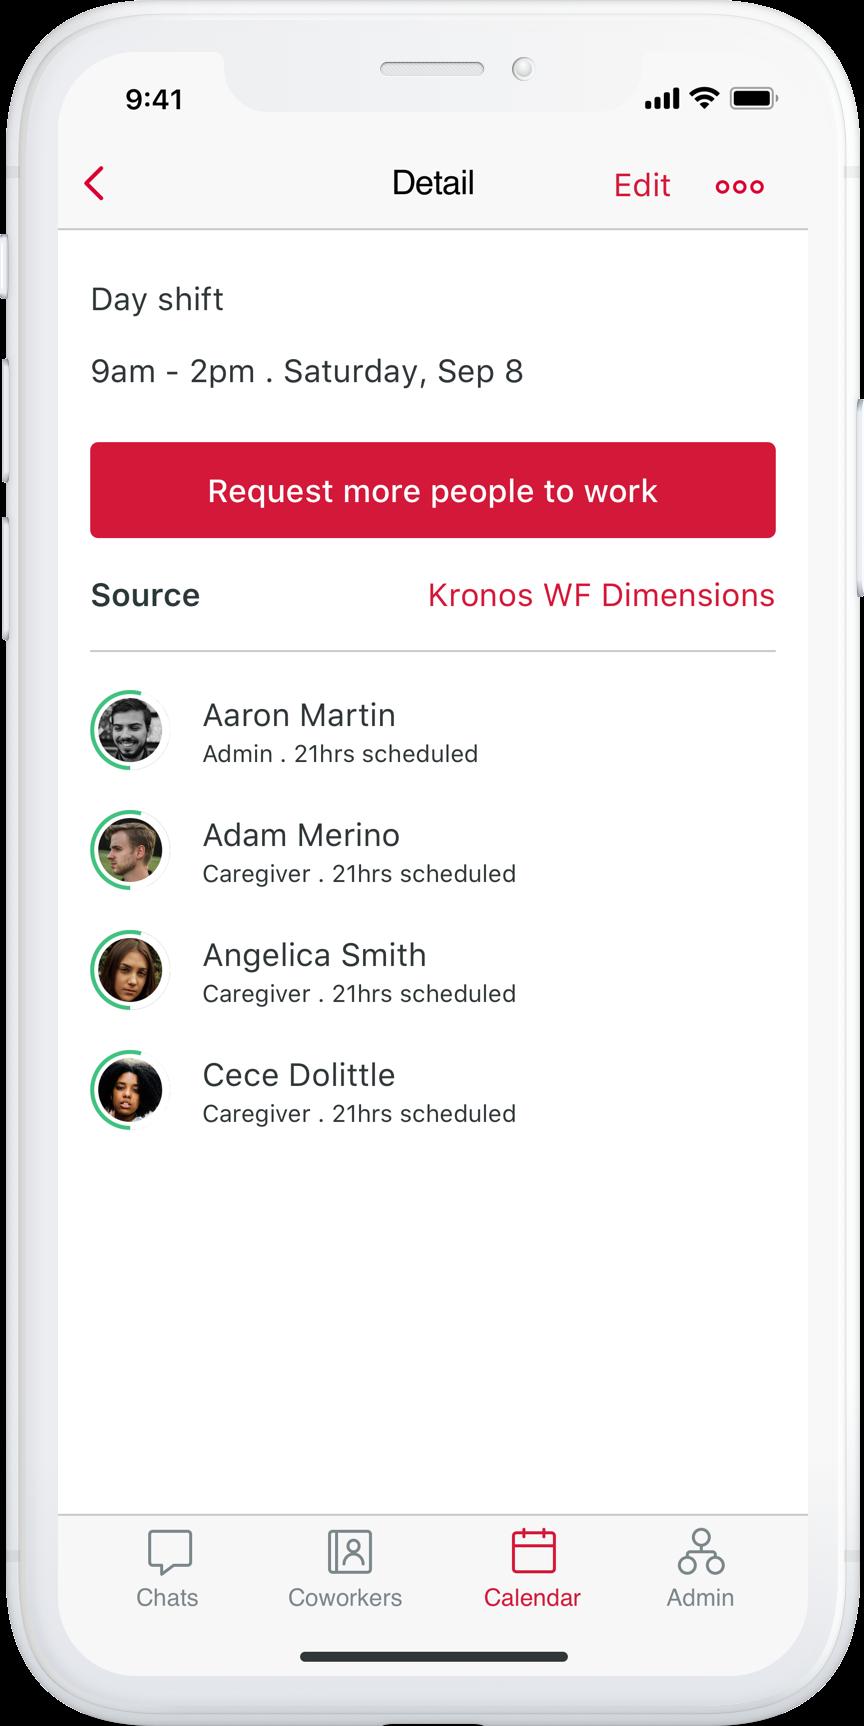 AssistedLiving_Kronos